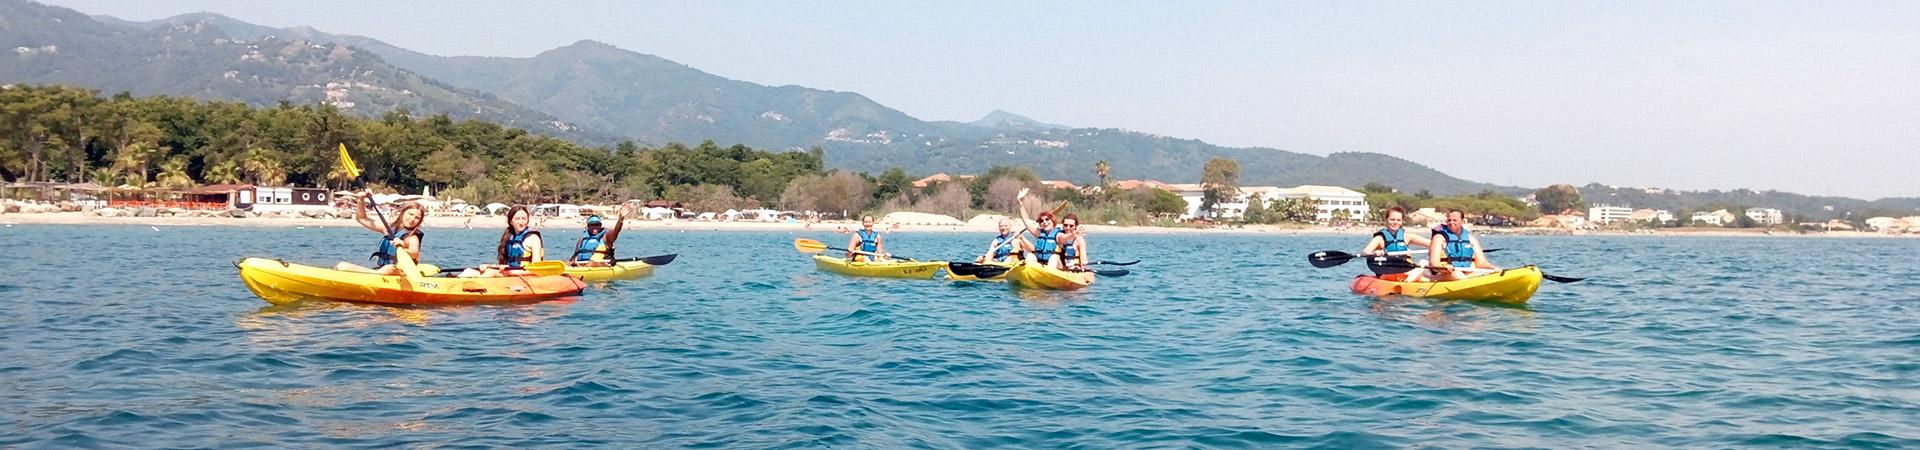 kayak-corse-camping-merendella